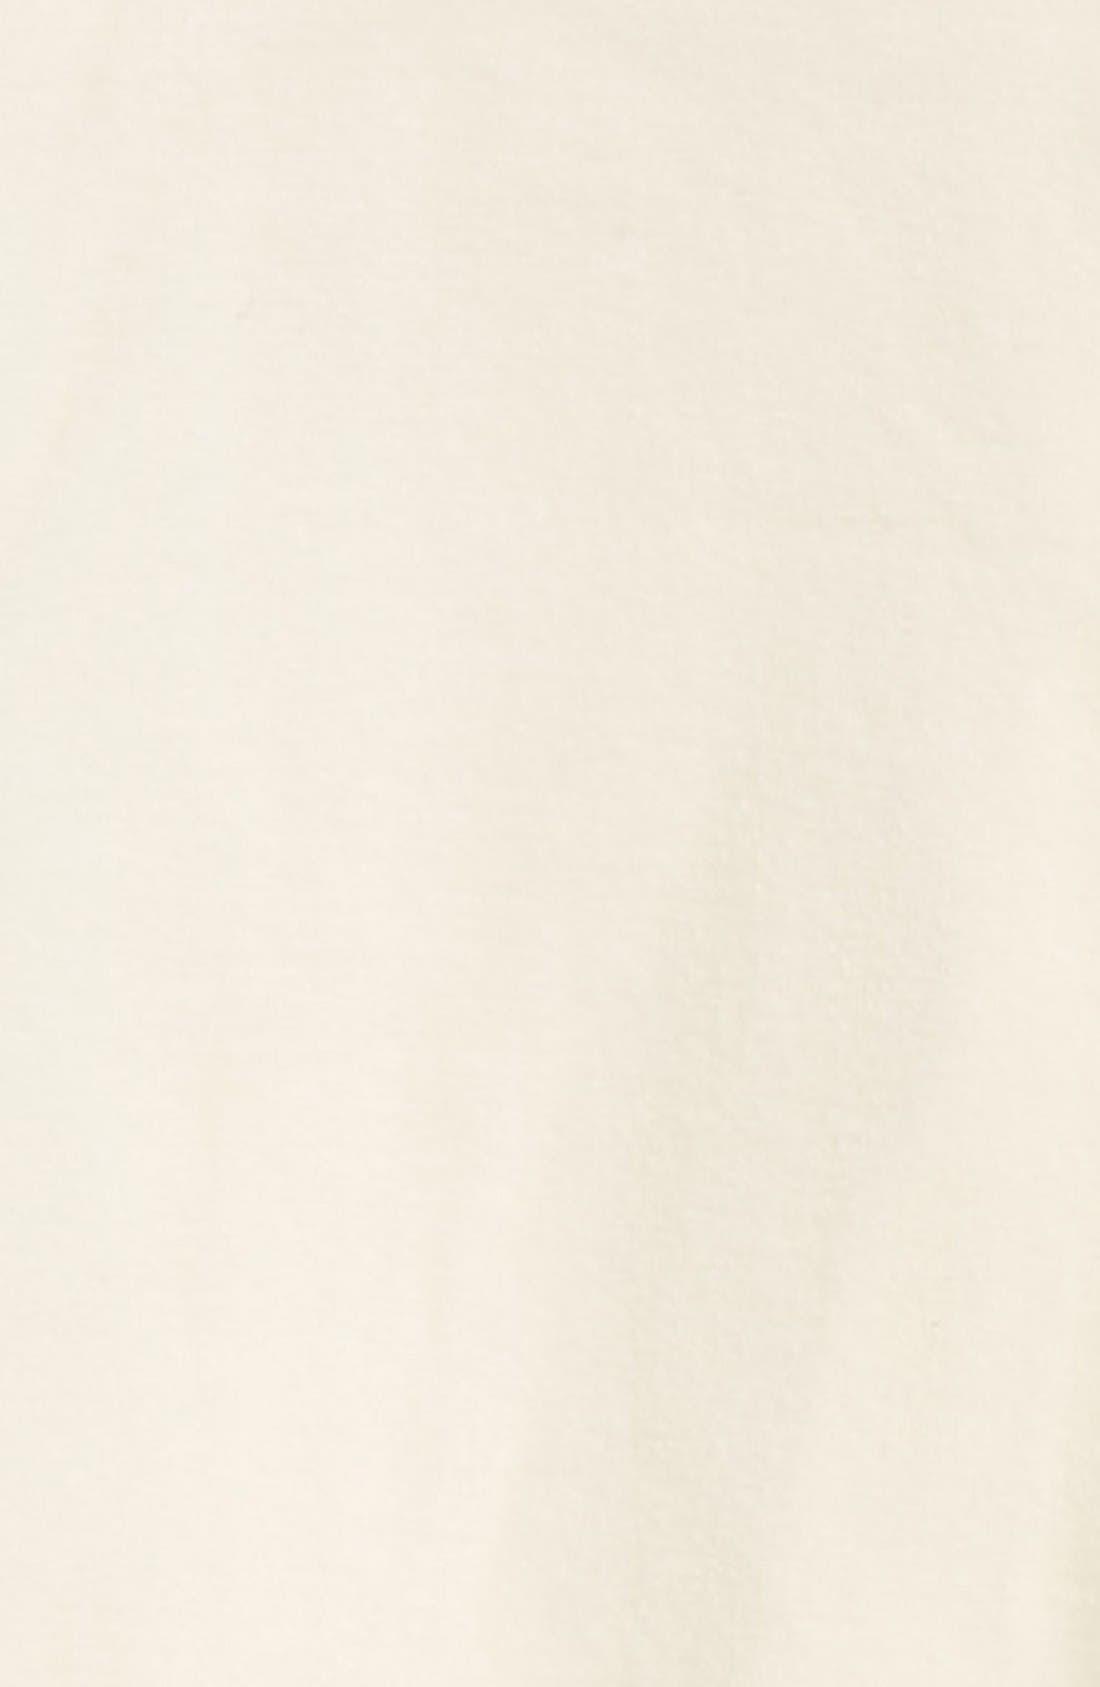 'So Fine' Microfiber Tights,                             Alternate thumbnail 3, color,                             Cream Vanilla